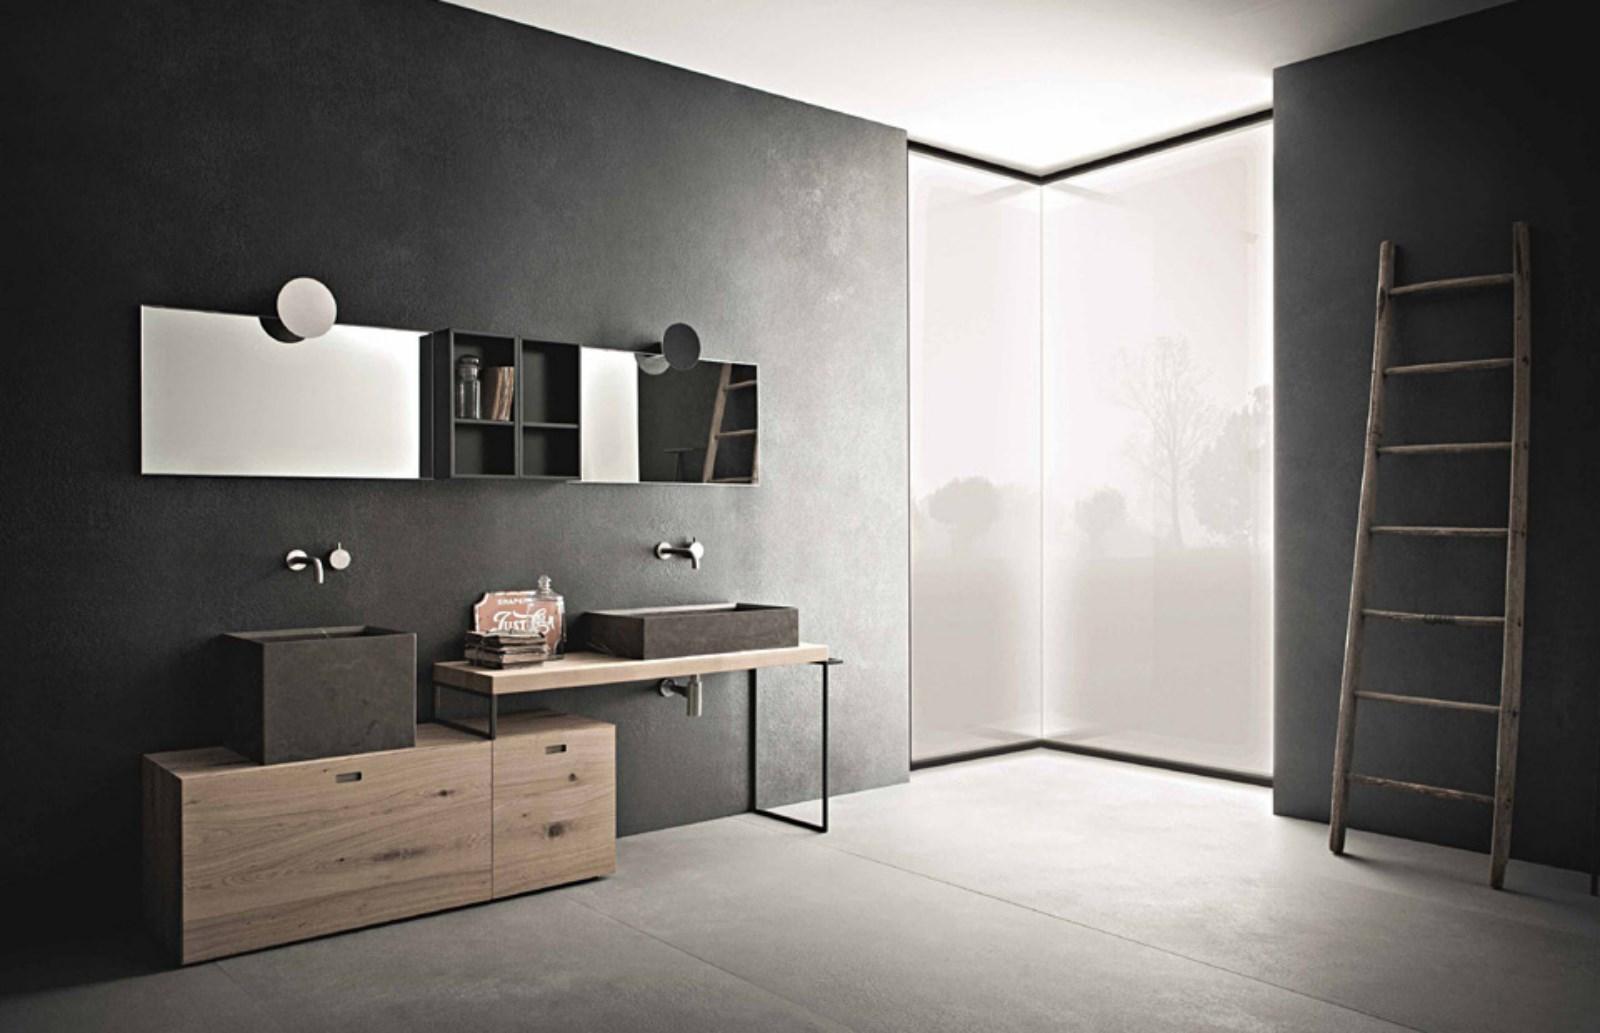 Meuble Salle De Bain Design Contemporain meuble de salle de bain contemporain novello - carrelage du